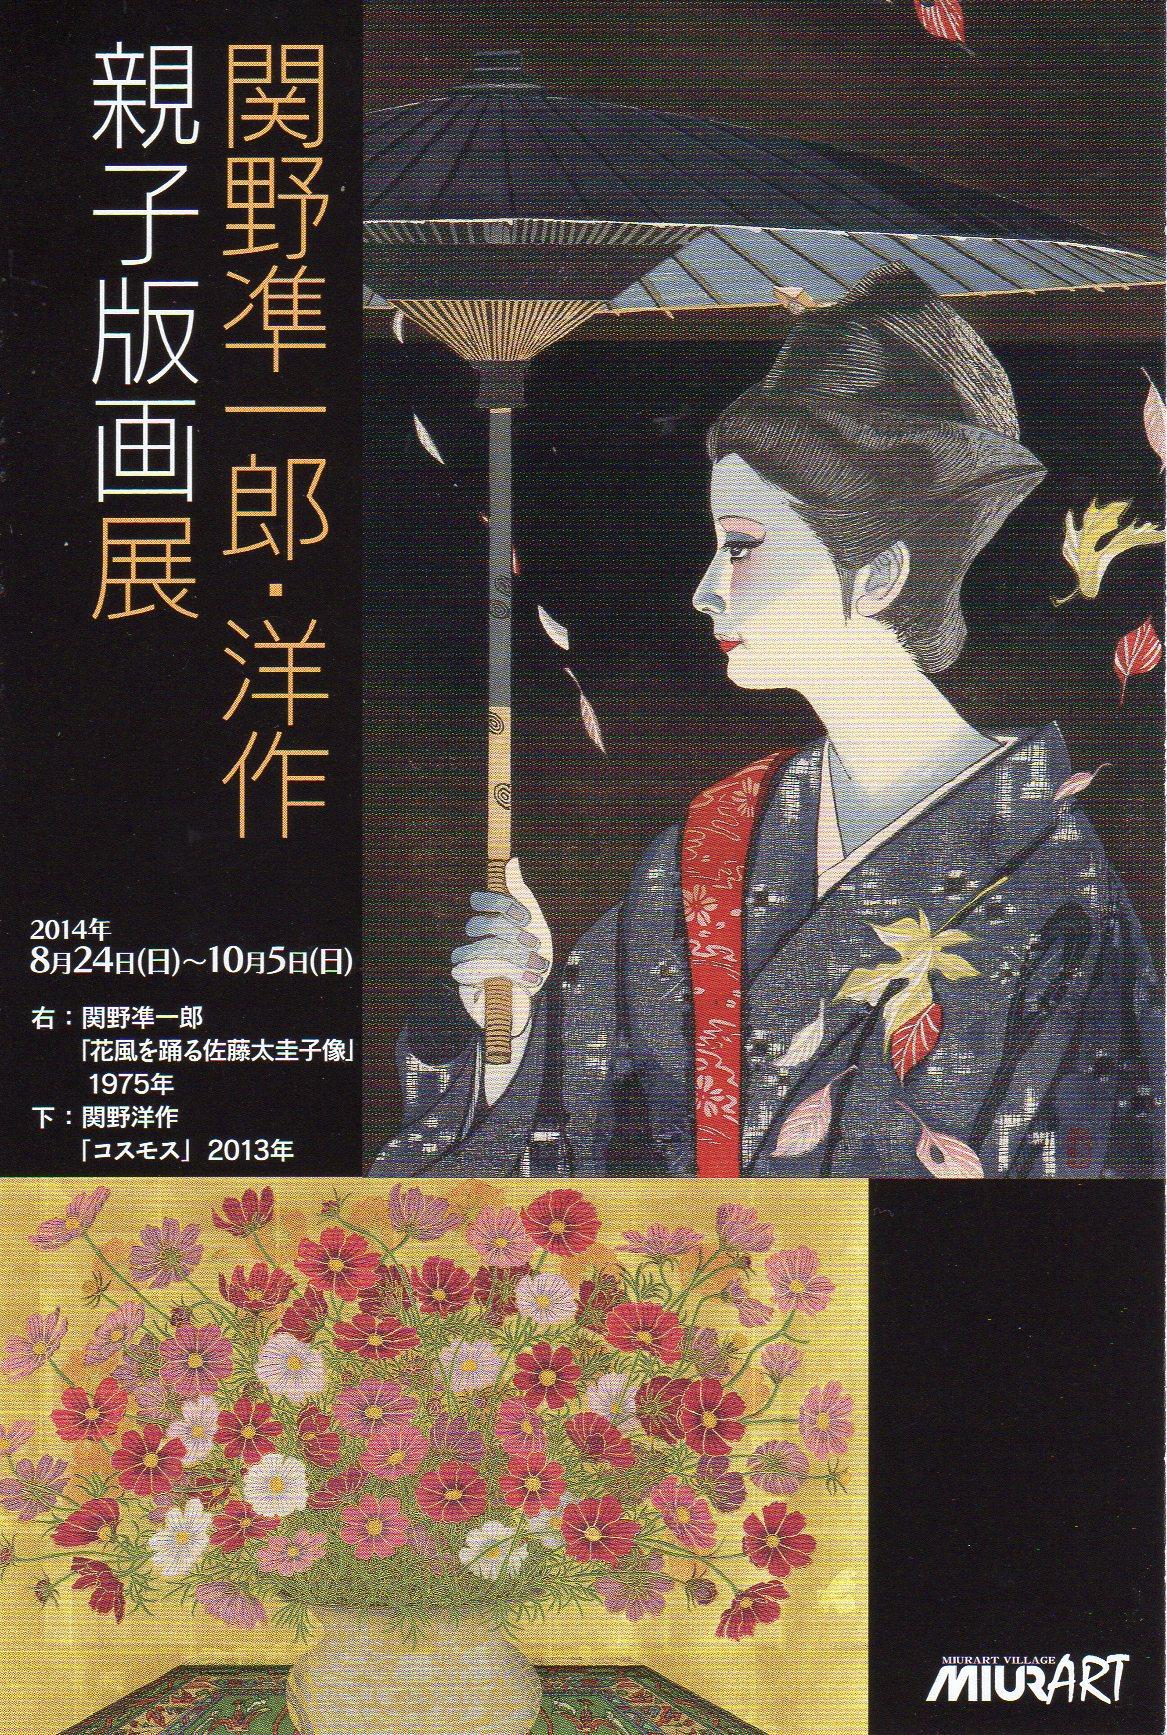 関野凖一郎・洋作 親子版画展 ミウラアートヴィレッジ